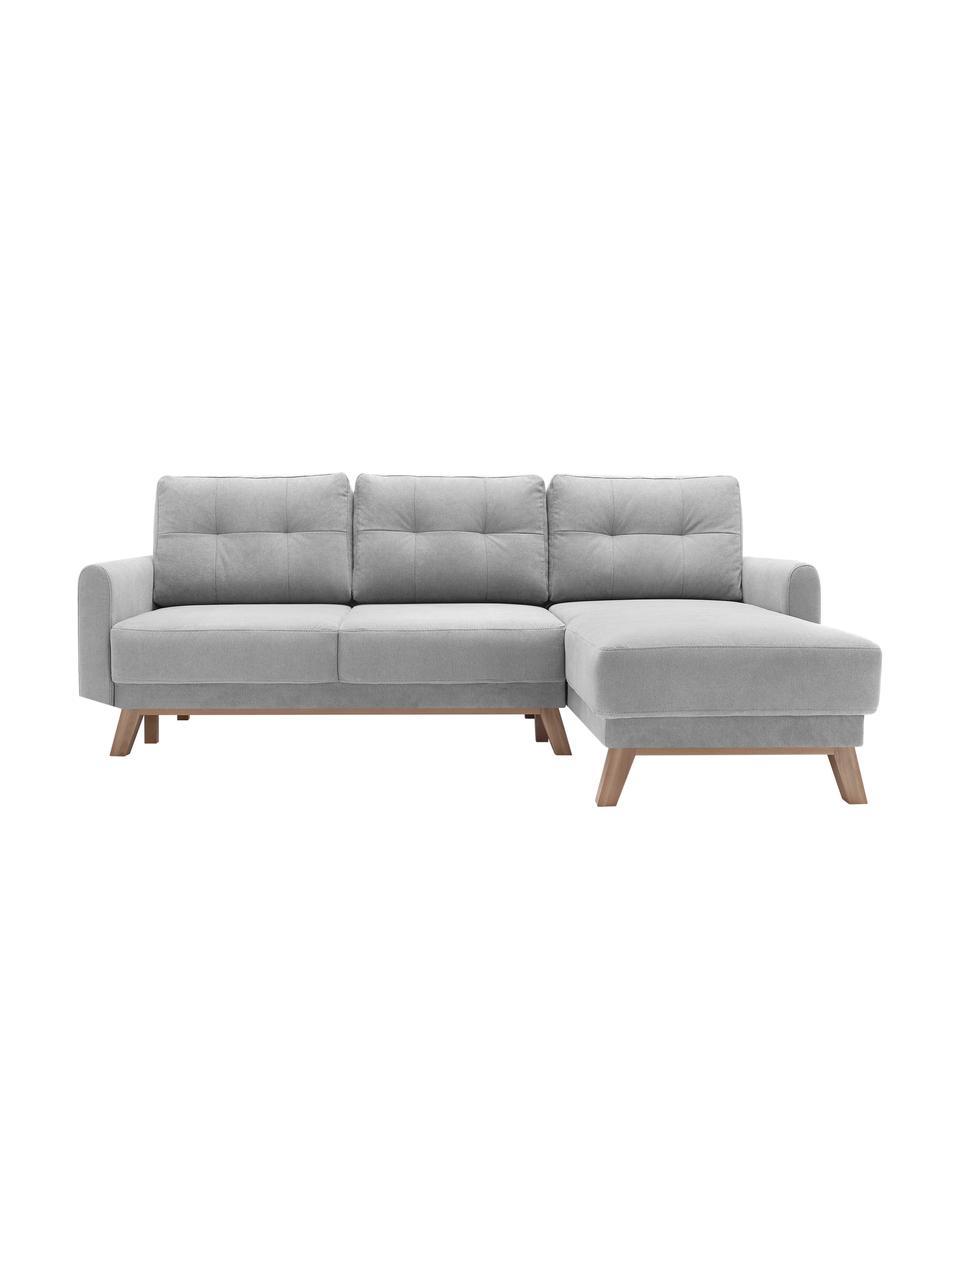 Sofa narożna z aksamitu z funkcją spania i miejscem do przechowywania  Balio (4-osobowa), Tapicerka: 100% aksamit poliestrowy , Nogi: drewno naturalne, Aksamitny jasny szary, S 234 x G 164 cm